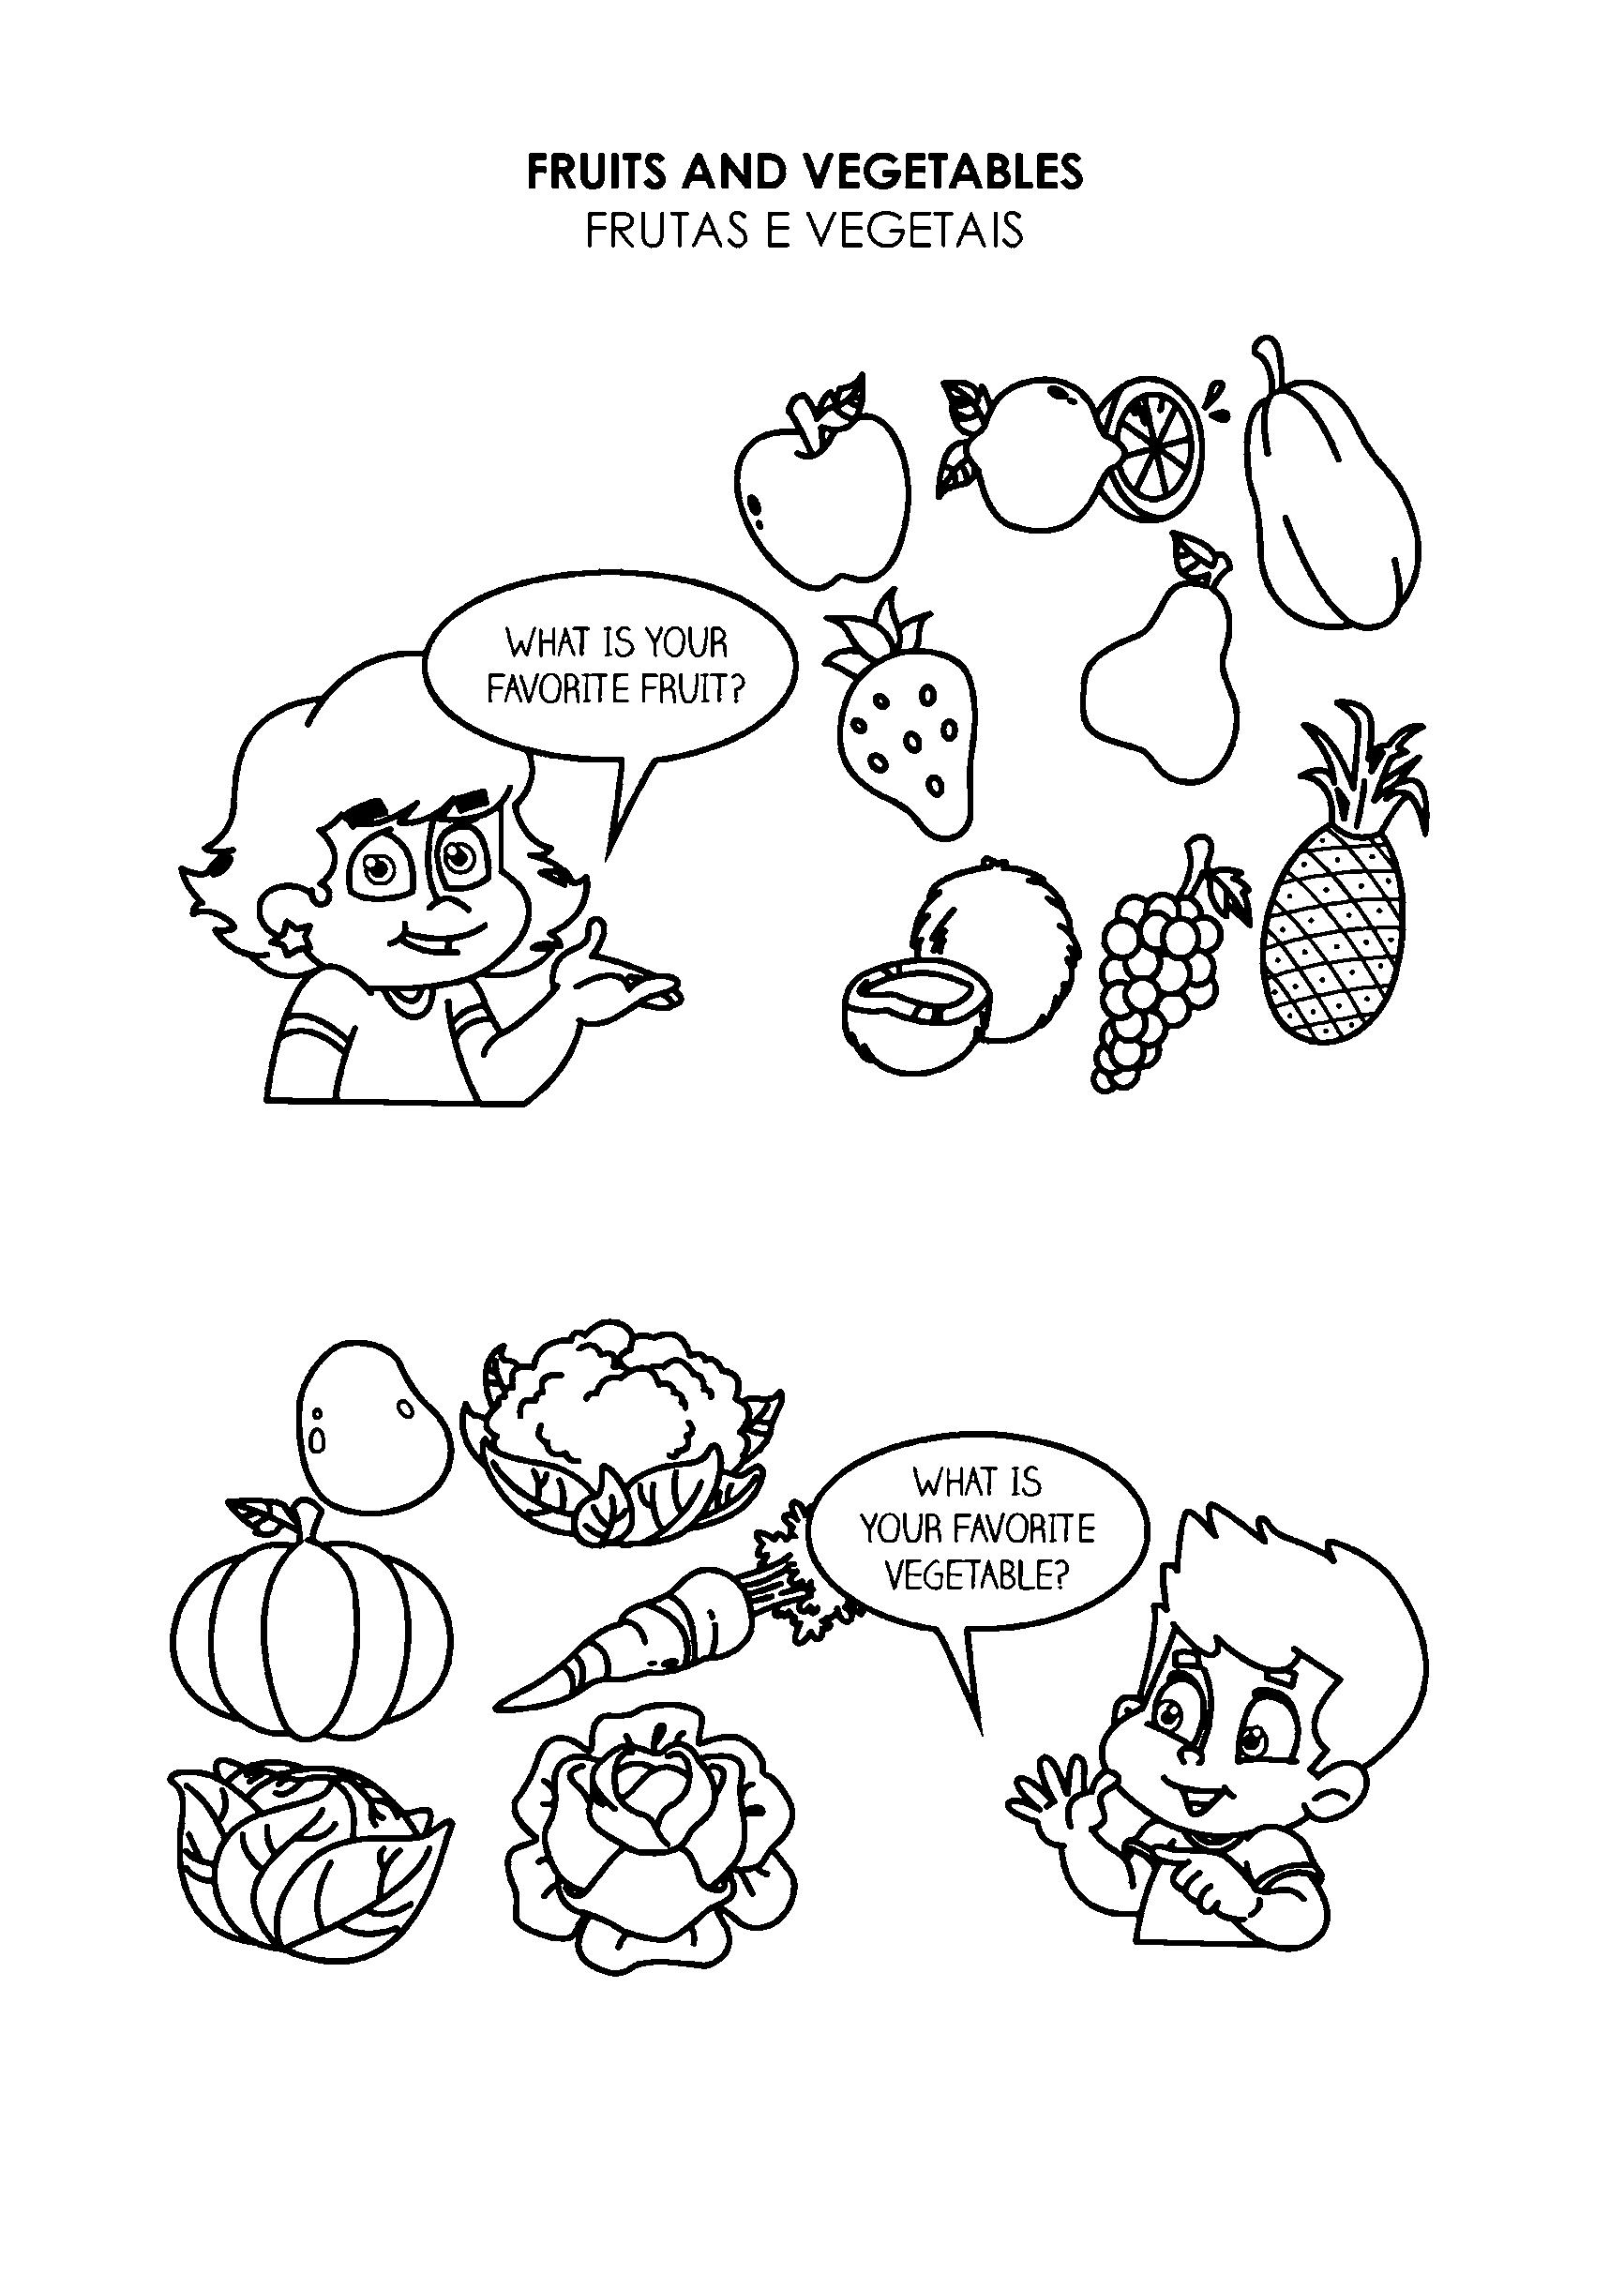 Atividade com frutas e vegetais em inglês